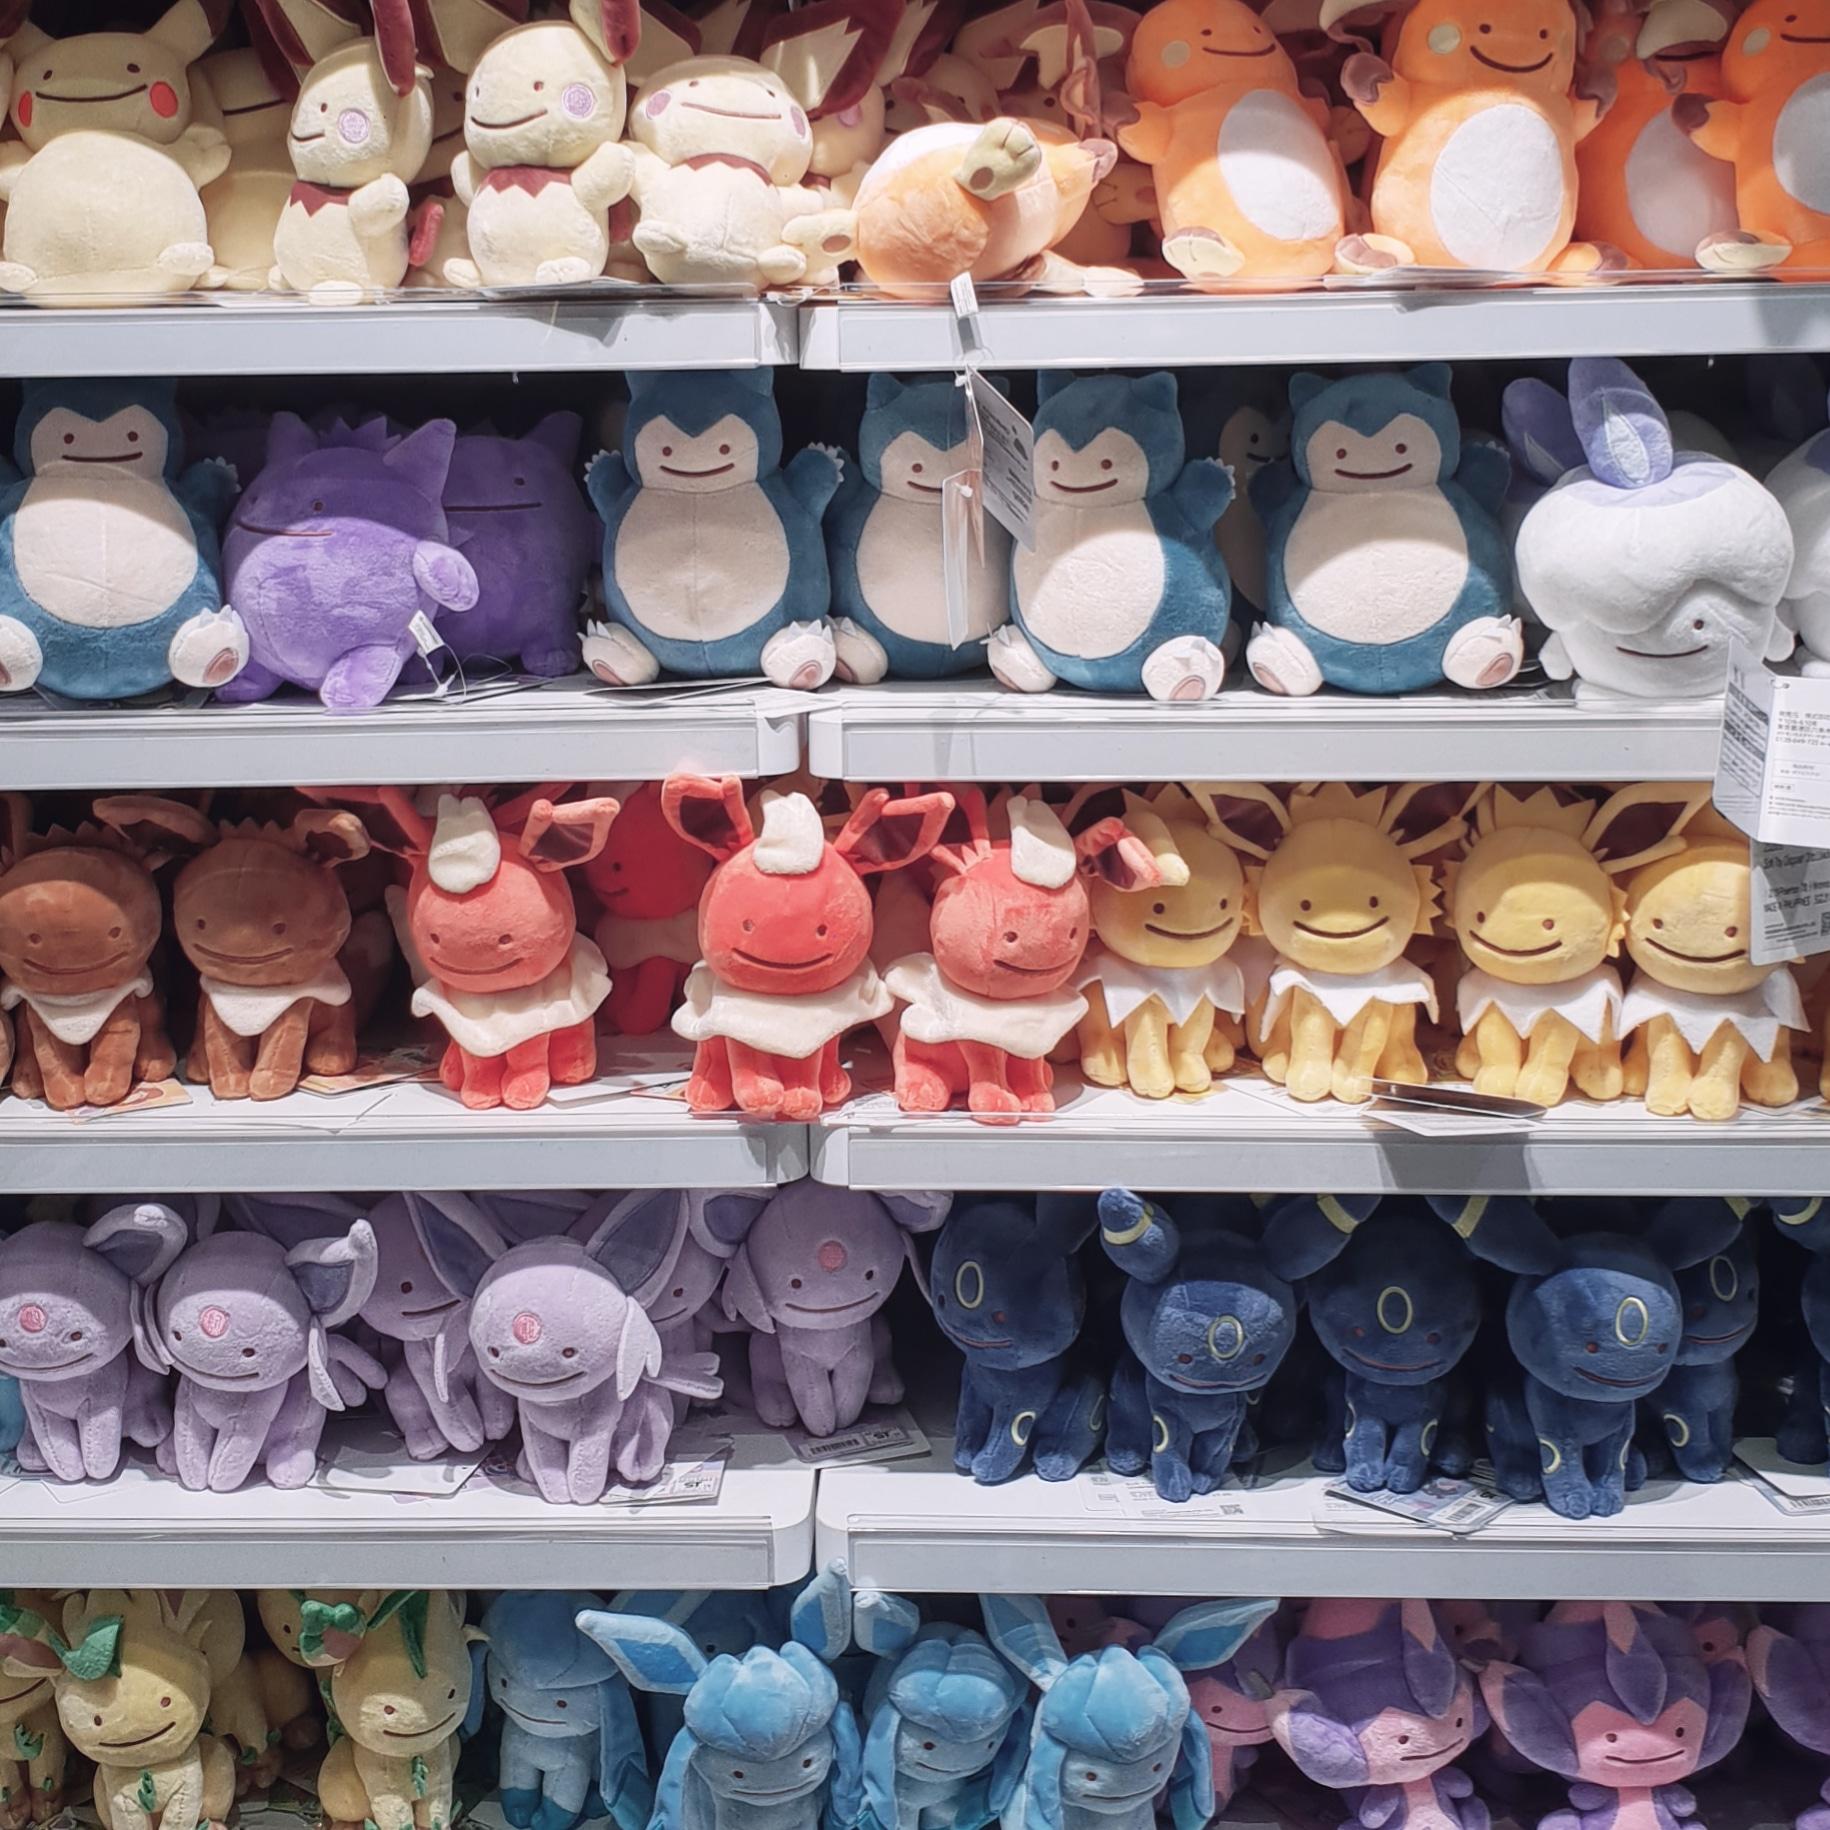 Pokemon plush toys.